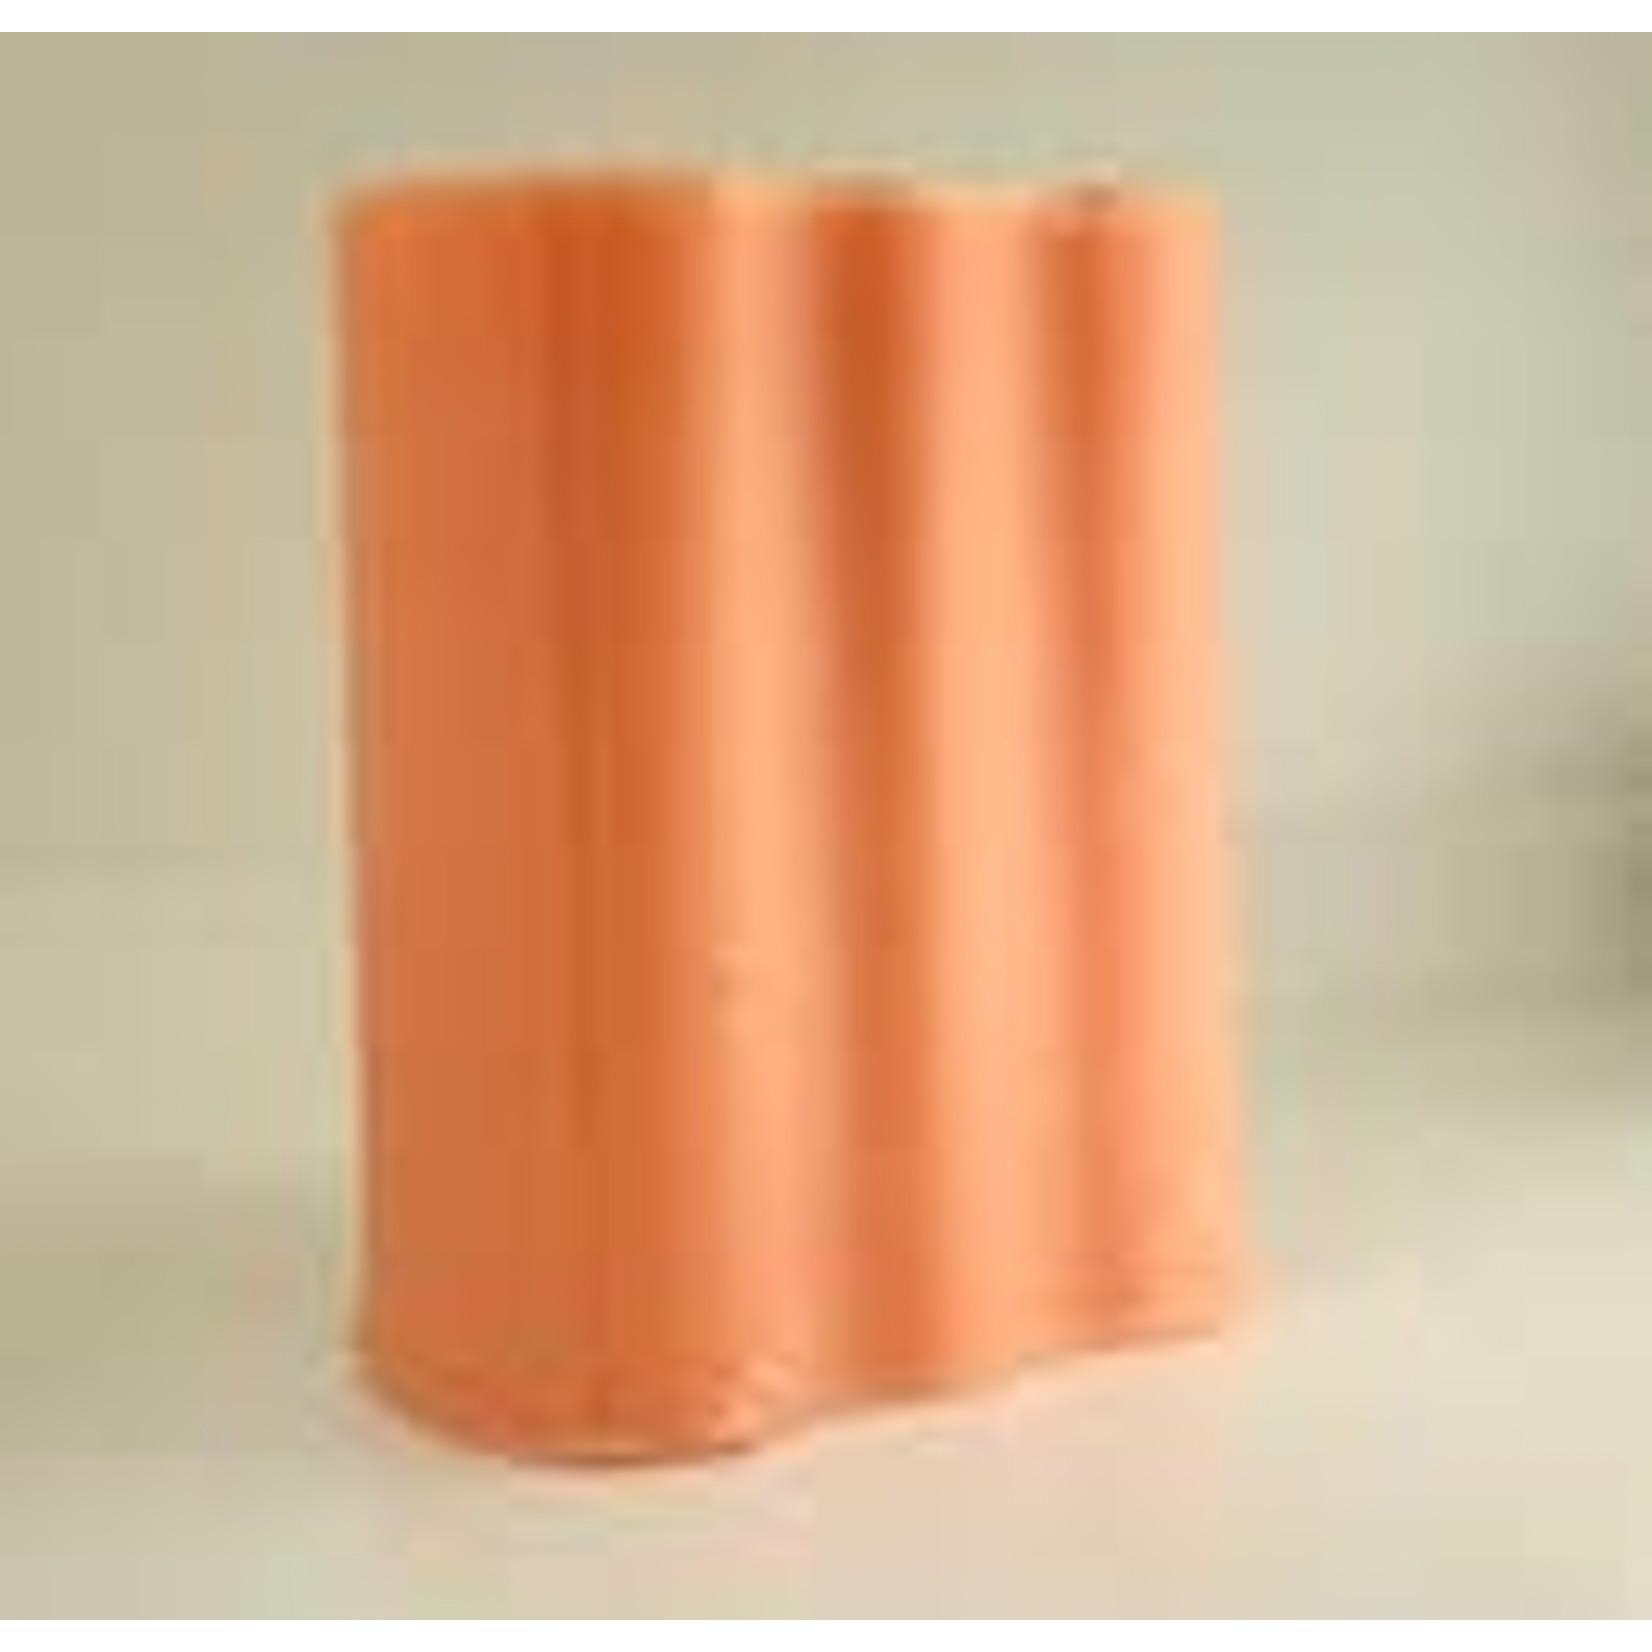 Marseille Soap Company Shampoo Bar | Soft Silky Hair | 3.52oz